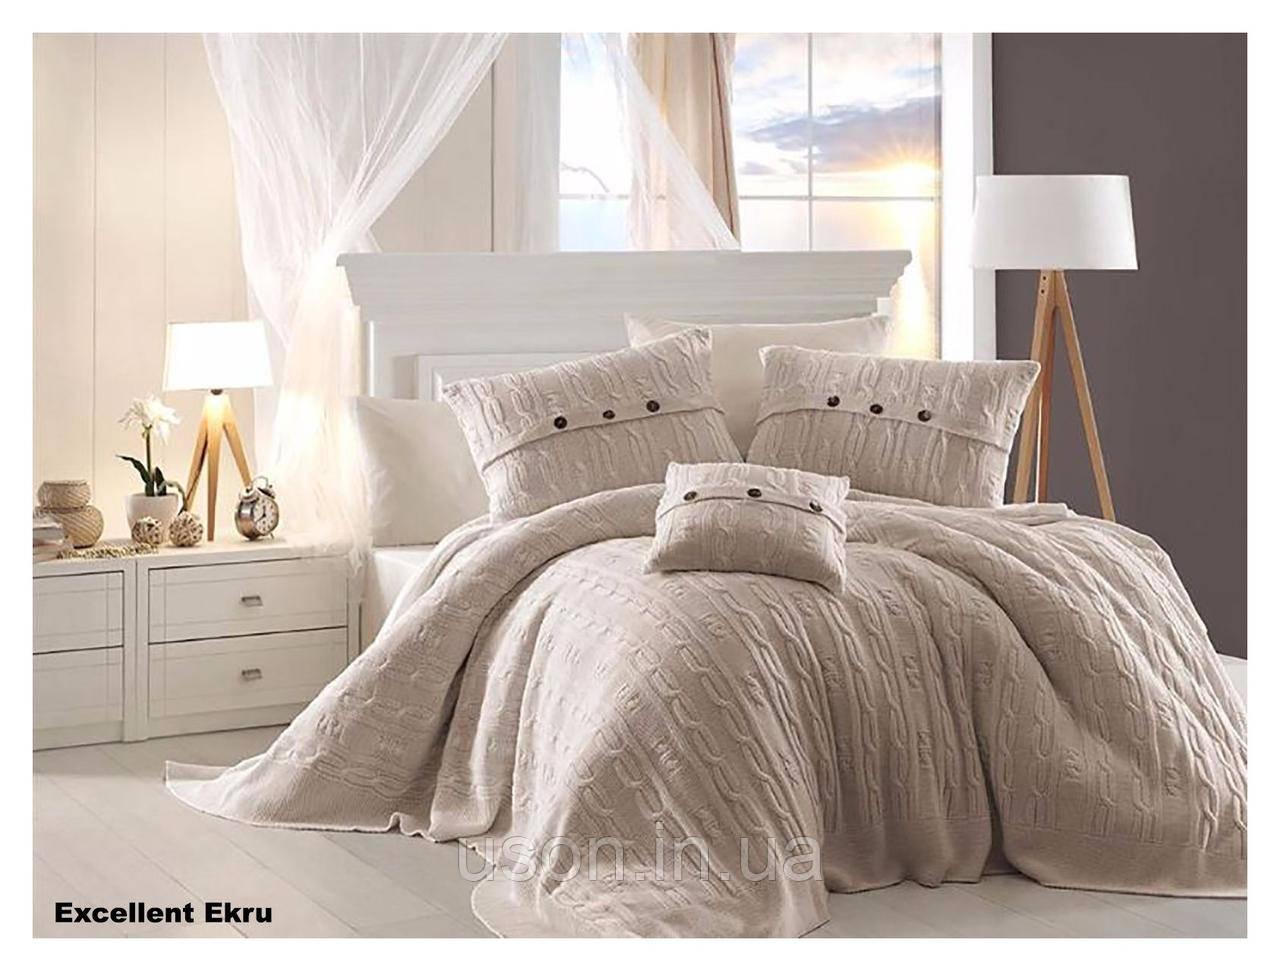 Комплект постельного белья  first choice евро размер c покрывалом Nirvana Excellent ekru